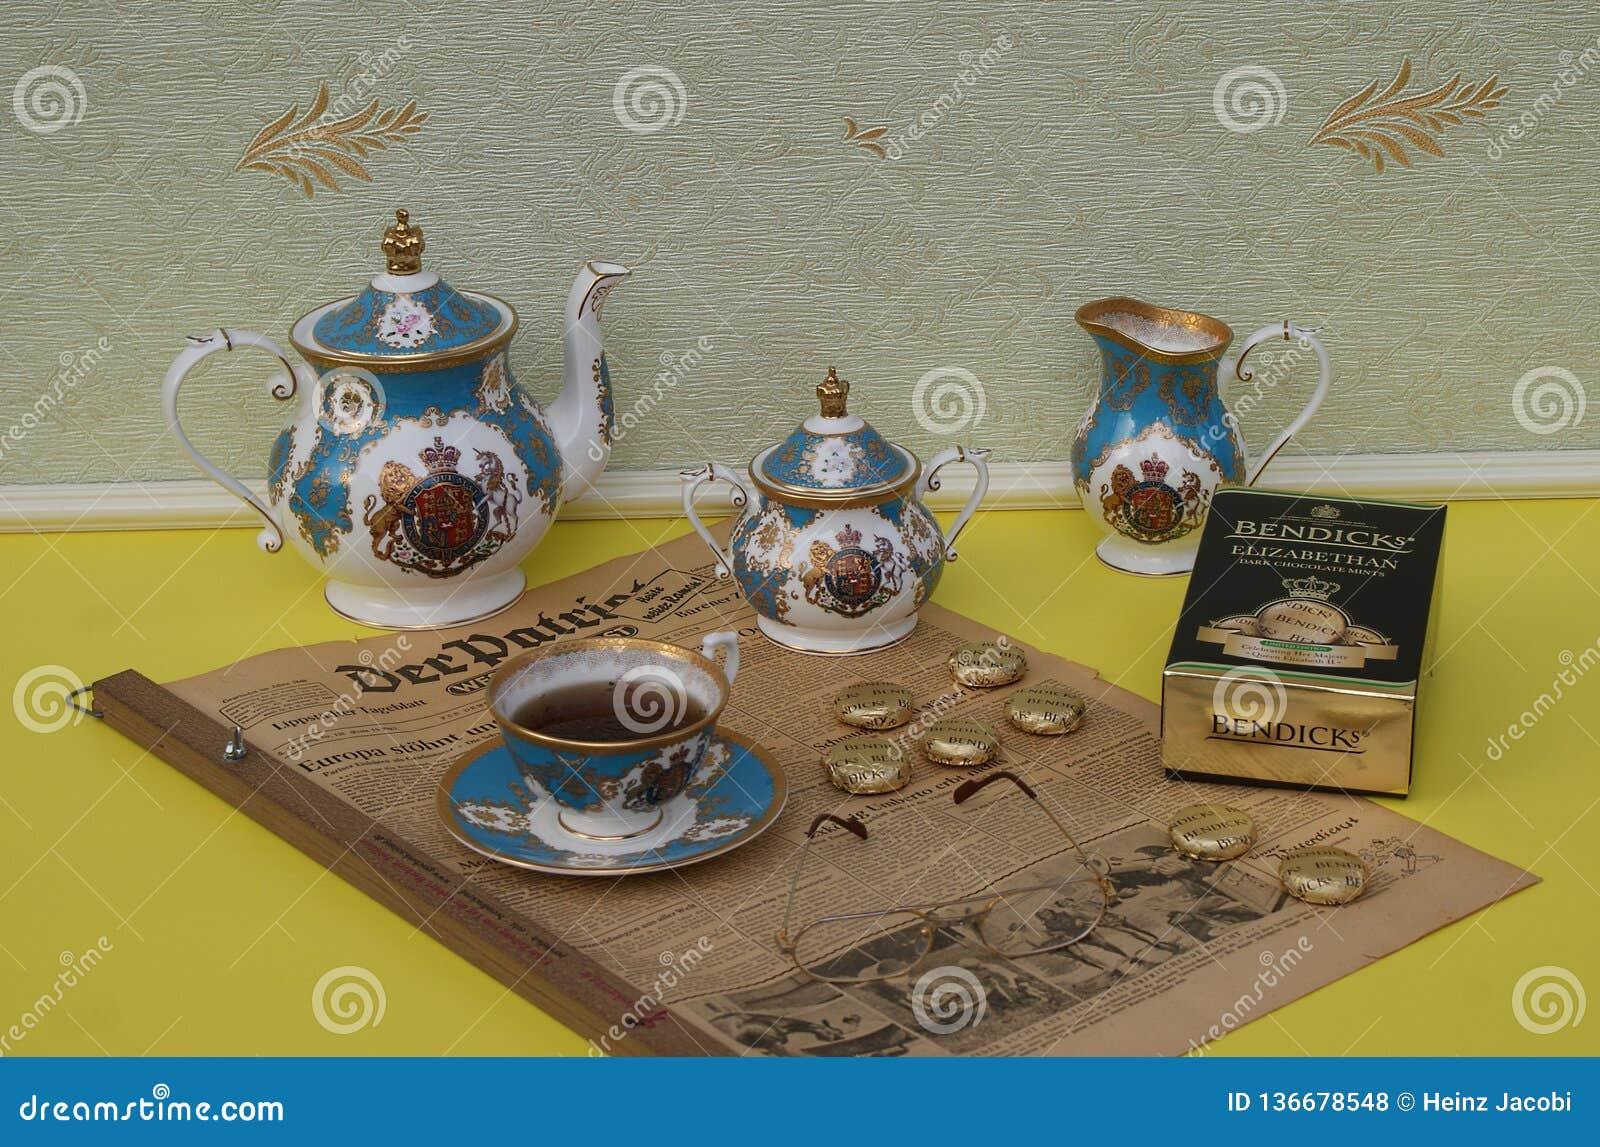 Englischer Teesatz, ein Paket von Bendicks elisabethanischen Schokoladenminzen und Lesebrille auf einem alten deutschen Zeitung D